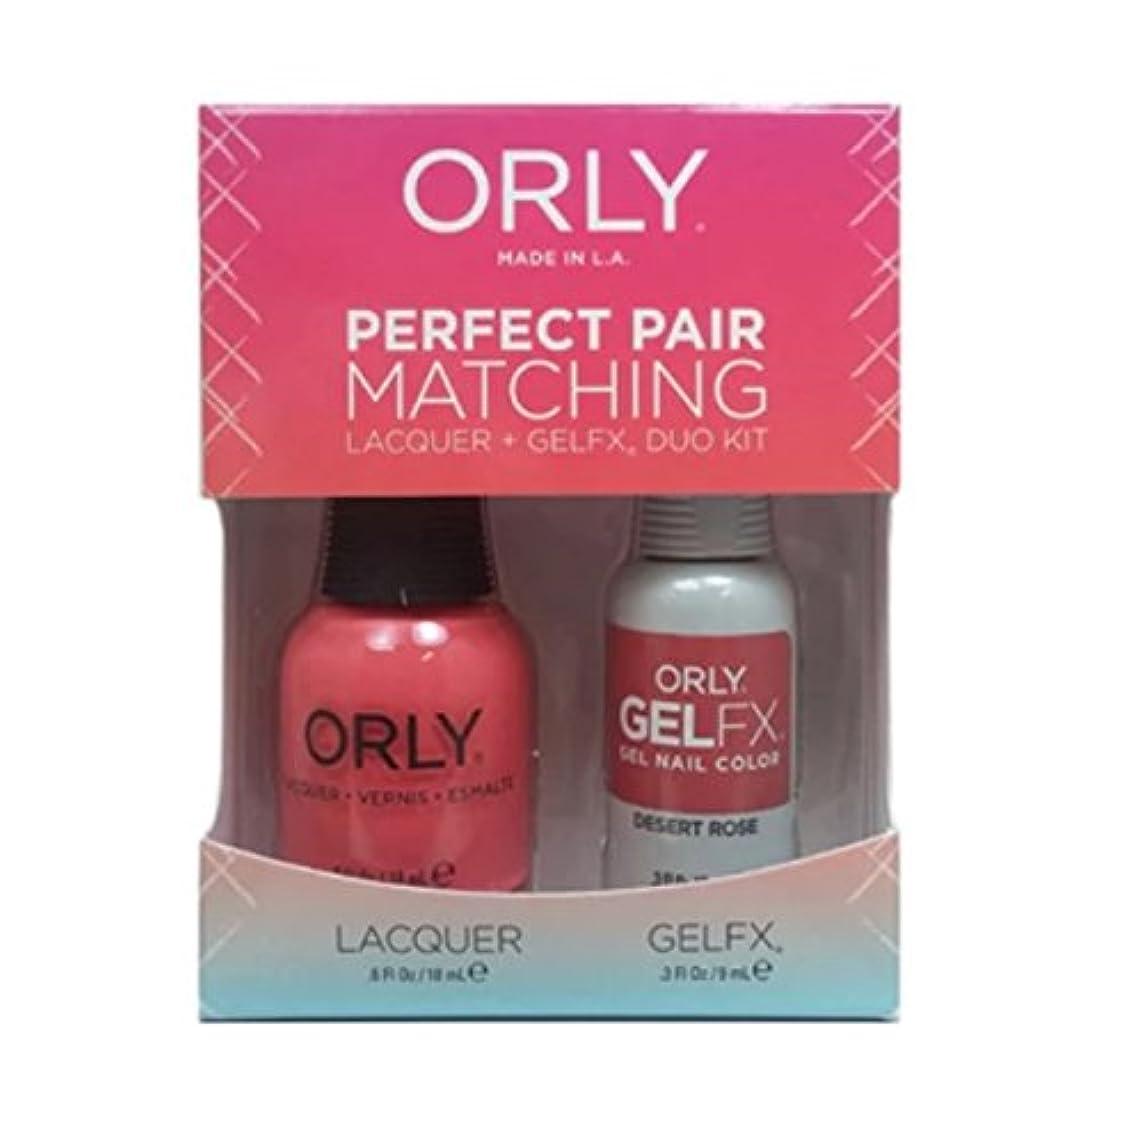 七時半レプリカ純粋にOrly - Perfect Pair Matching Lacquer+Gel FX Kit - Desert Rose - 0.6 oz / 0.3 oz